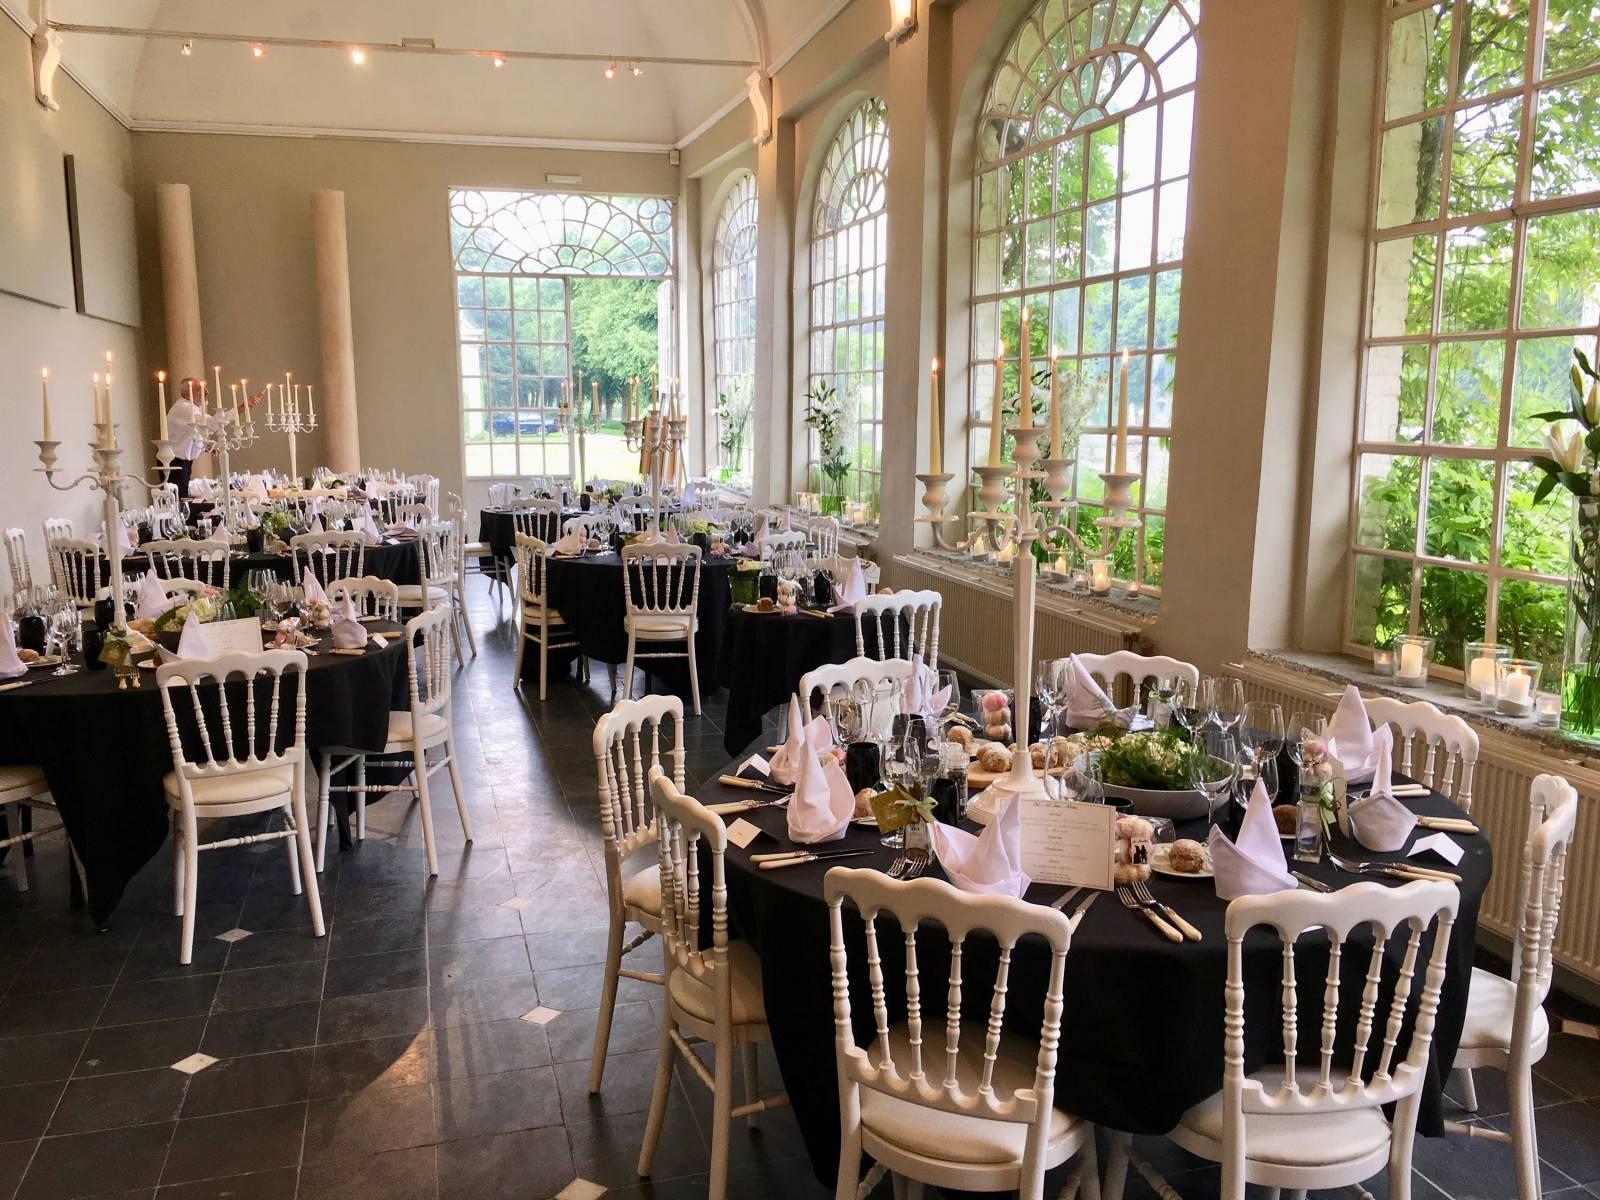 Kasteel van Leeuwergem - Feestzaal - House of Weddings  - 41